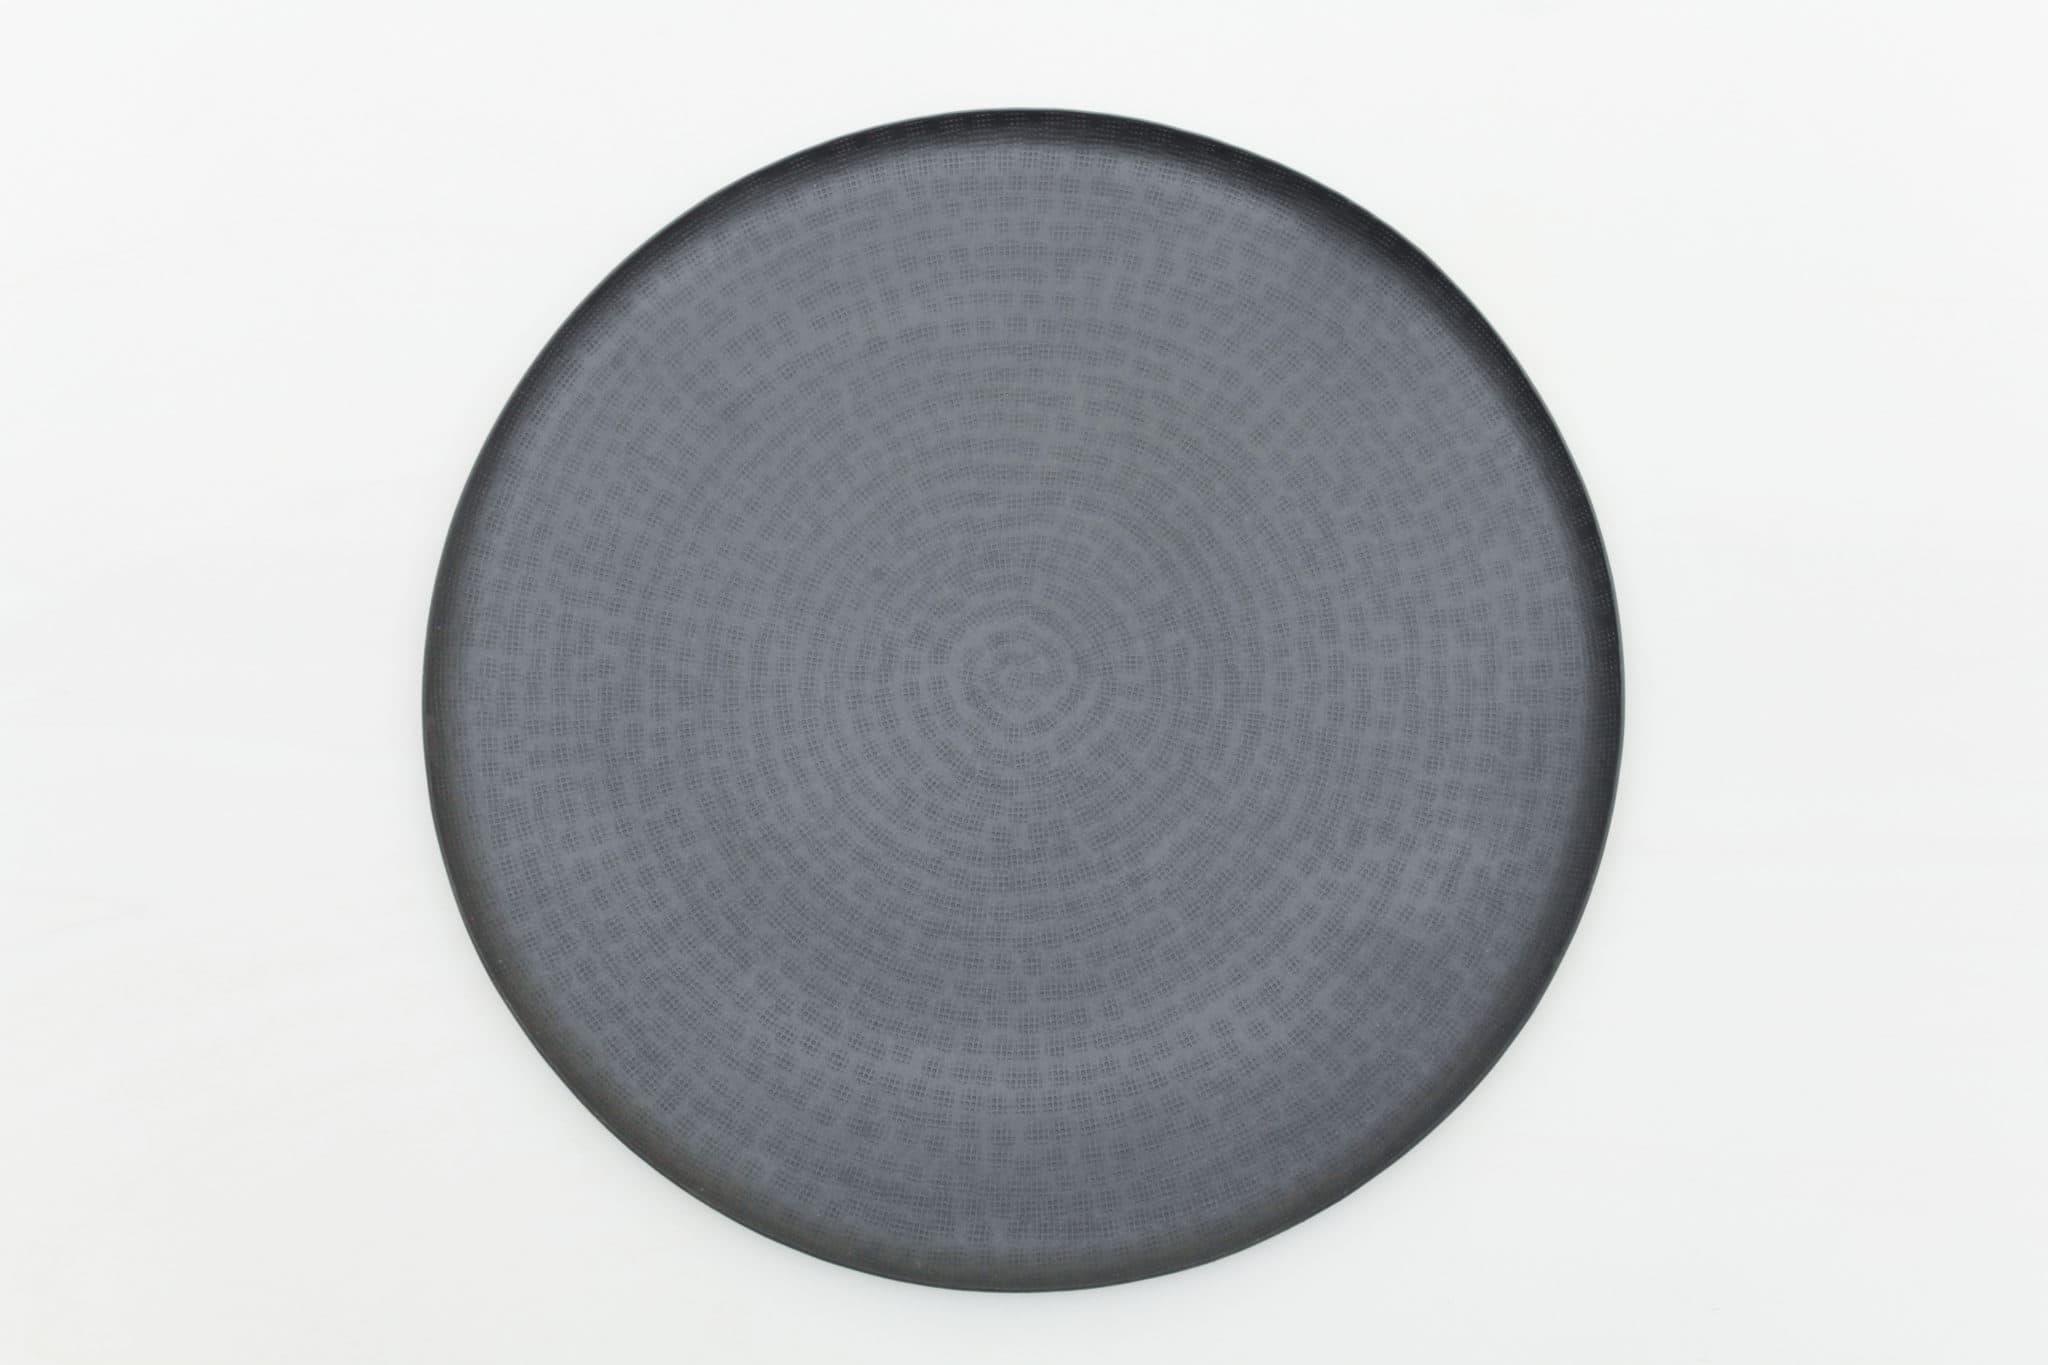 Schwarzes, rundes Tablett mieten